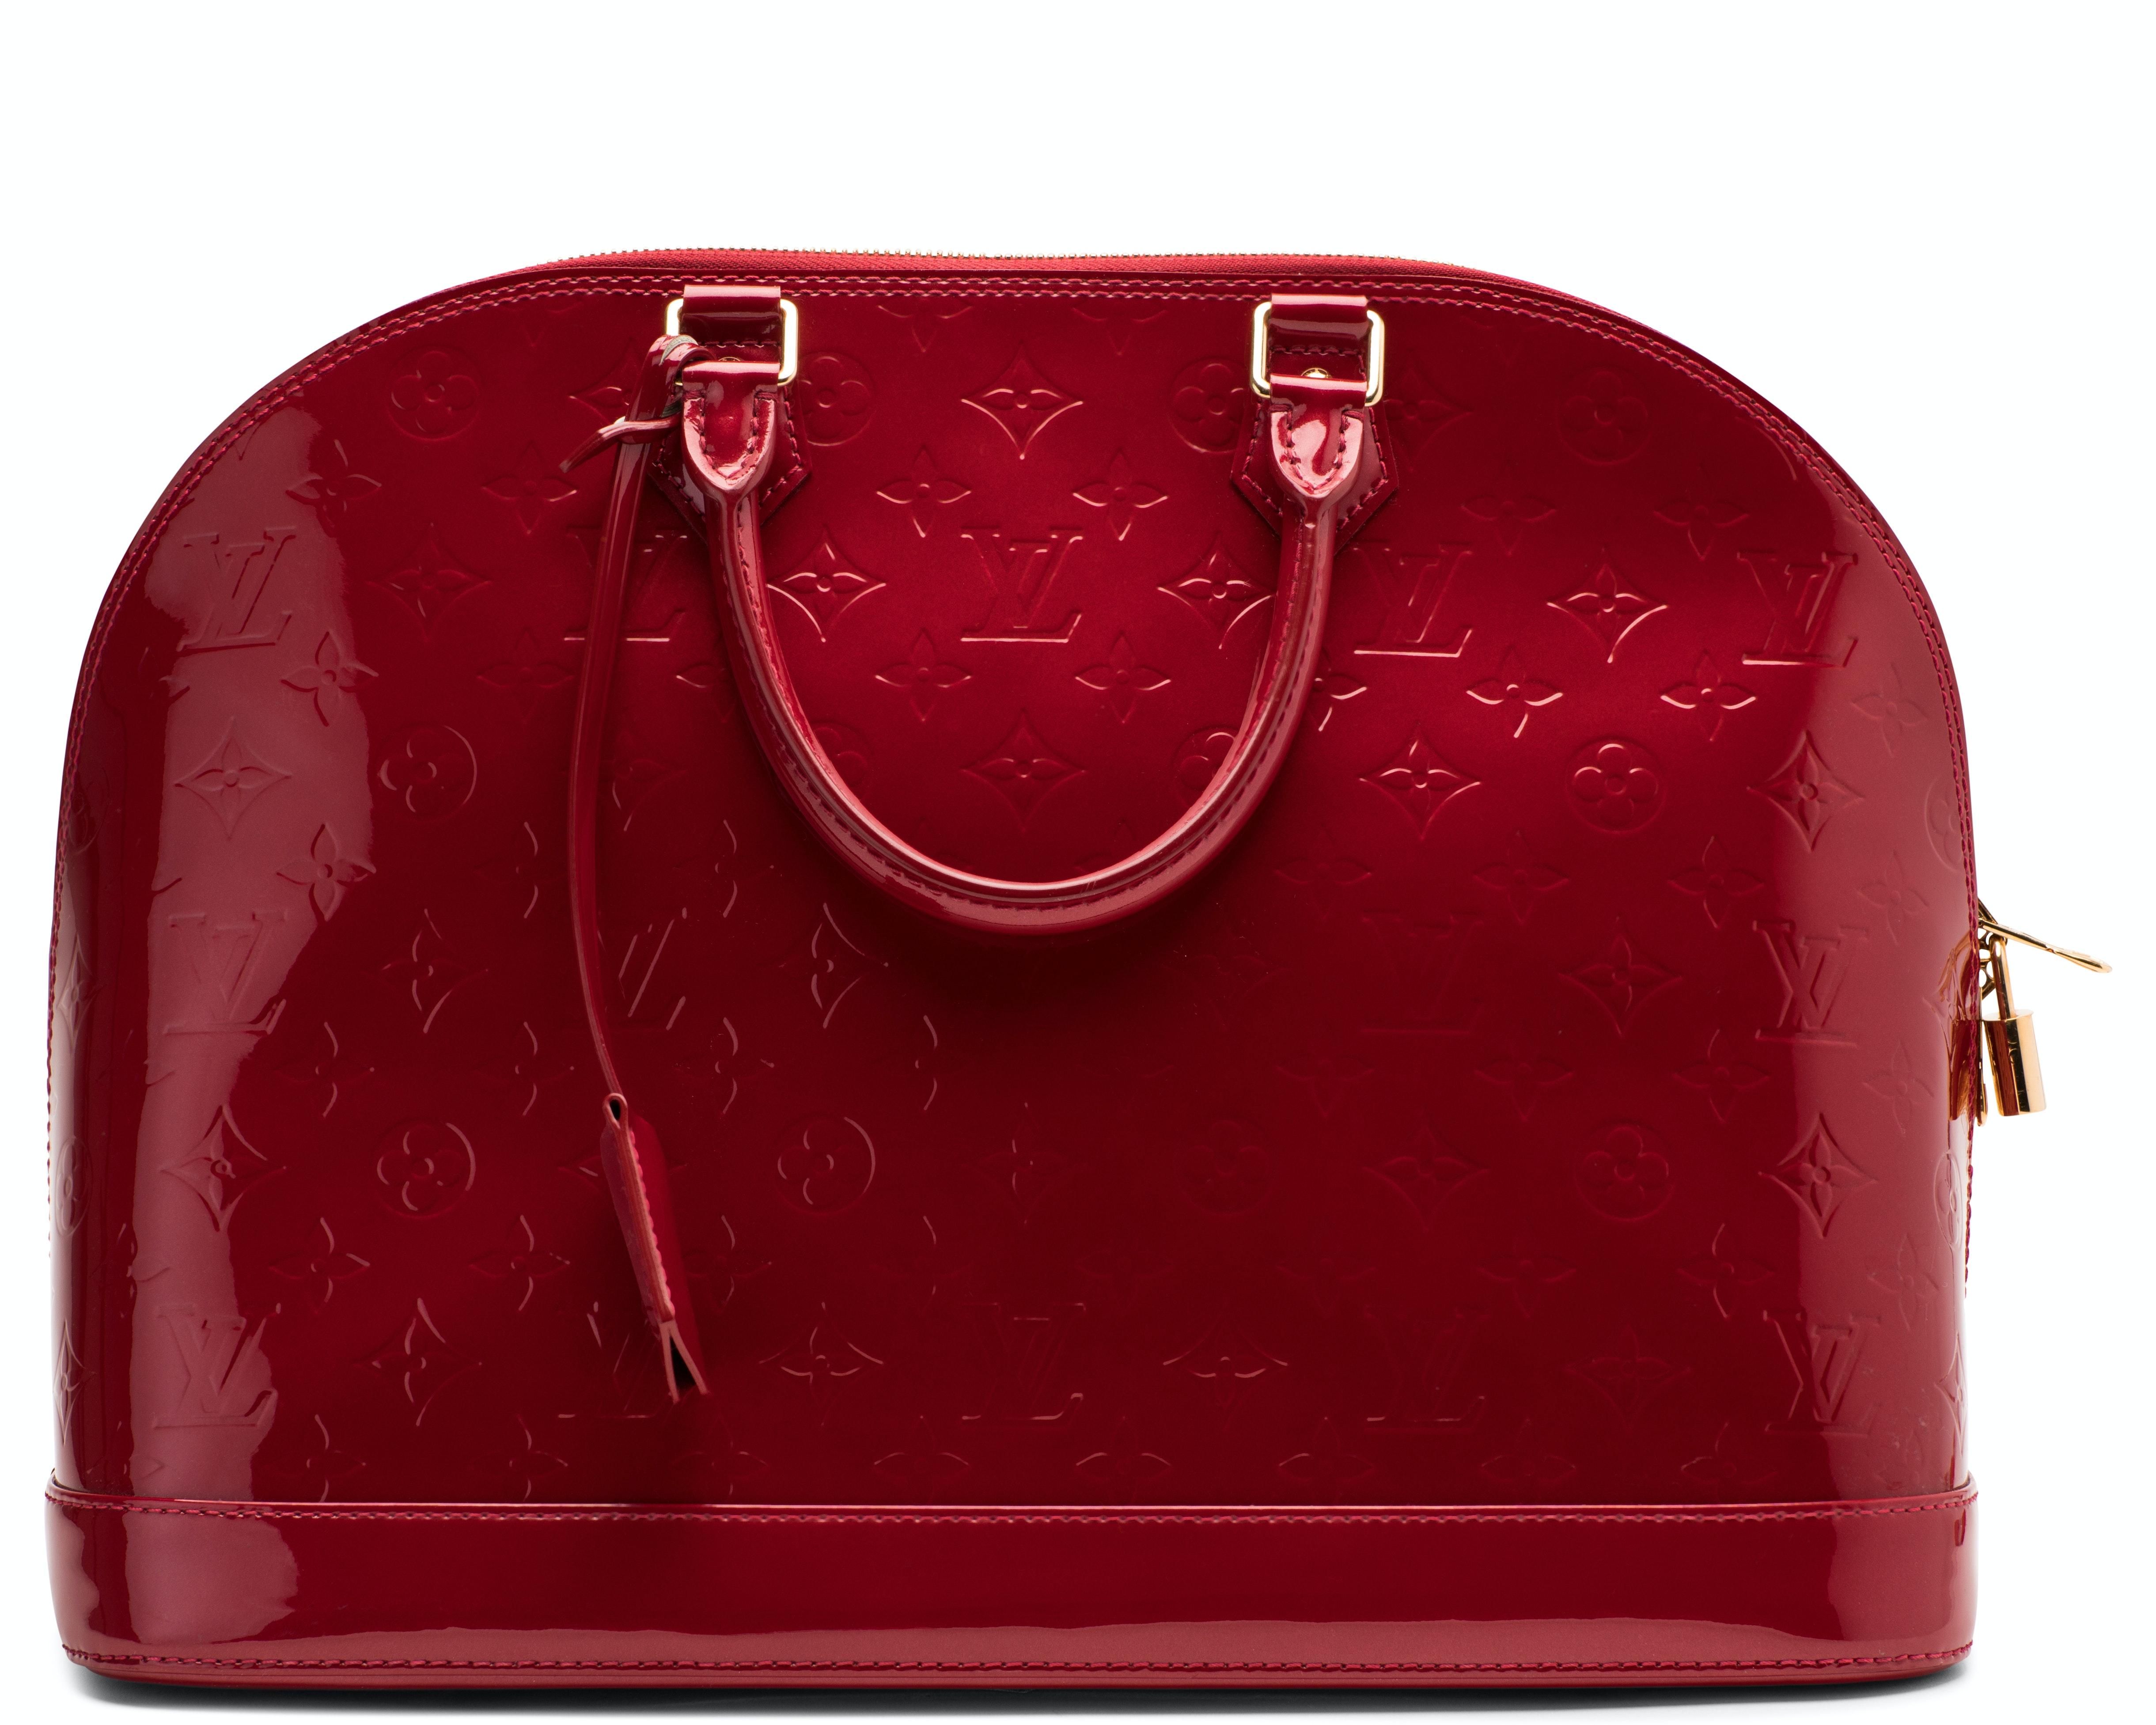 Louis Vuitton Alma Monogram Vernis GM Pomme-D'Amour